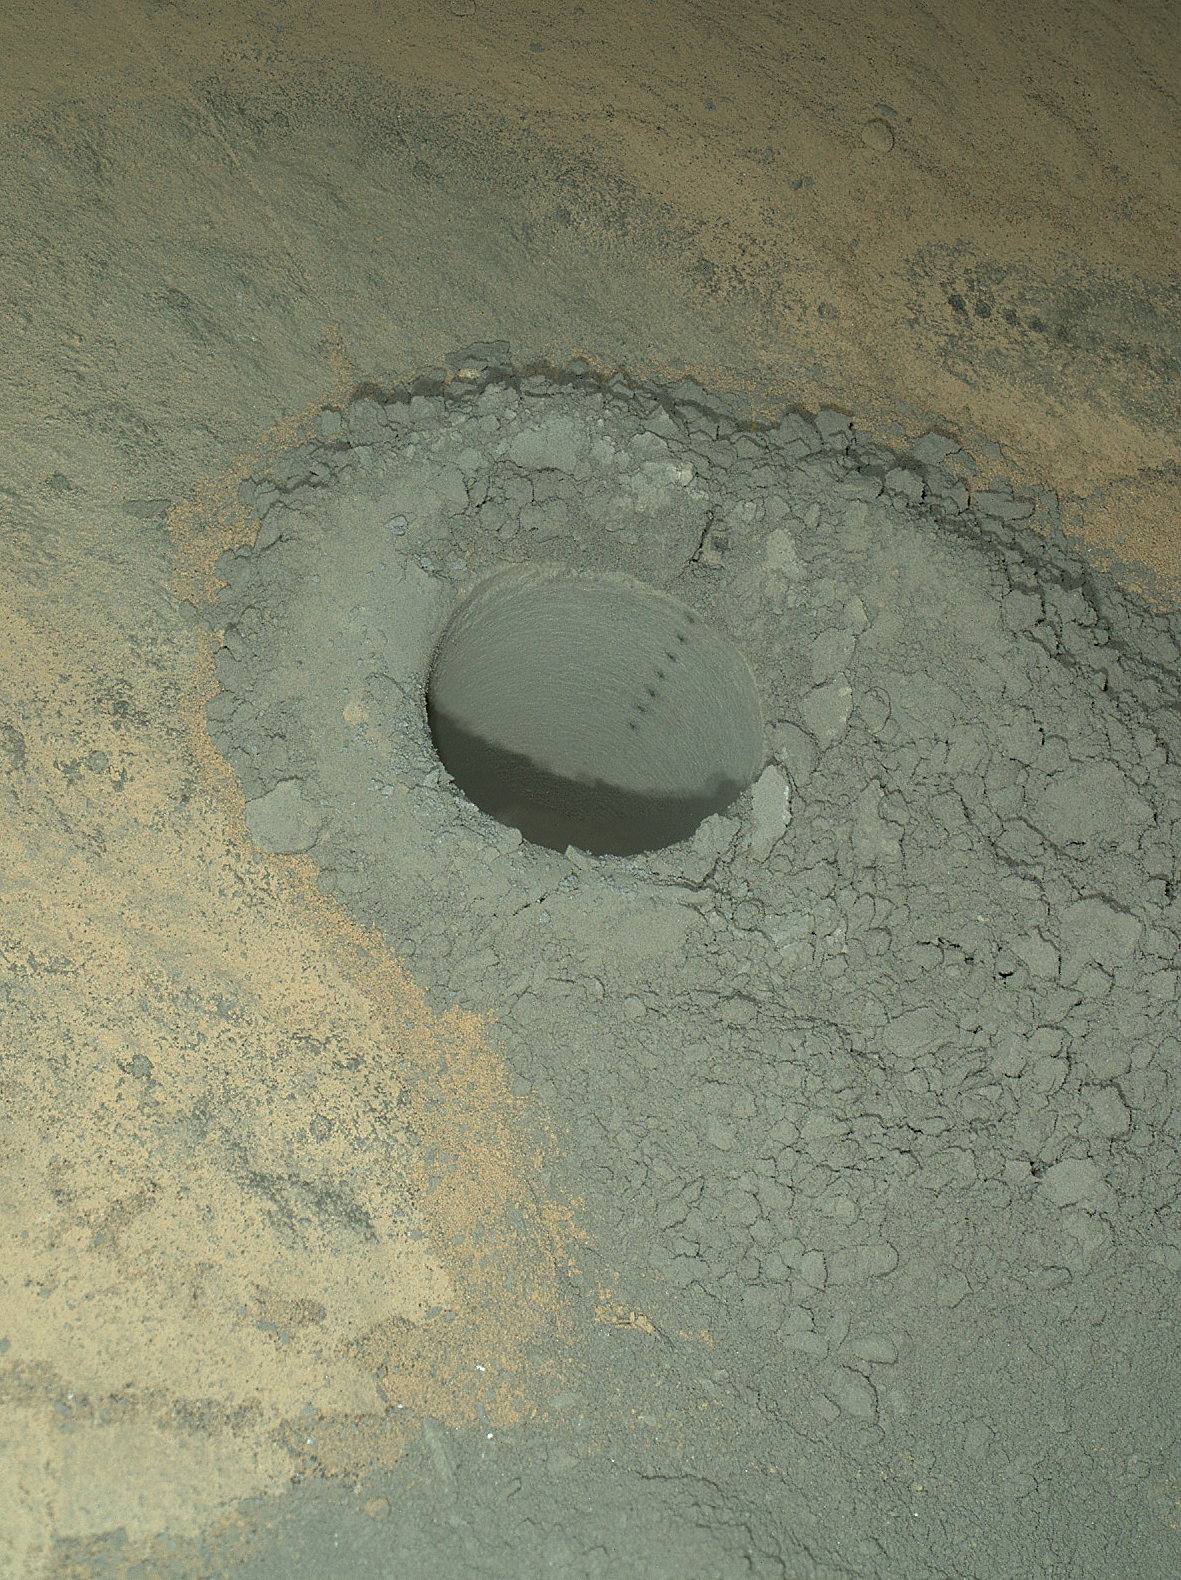 pia18091-Curiosity-Laser-Sharpshooting-Mars-full.jpg